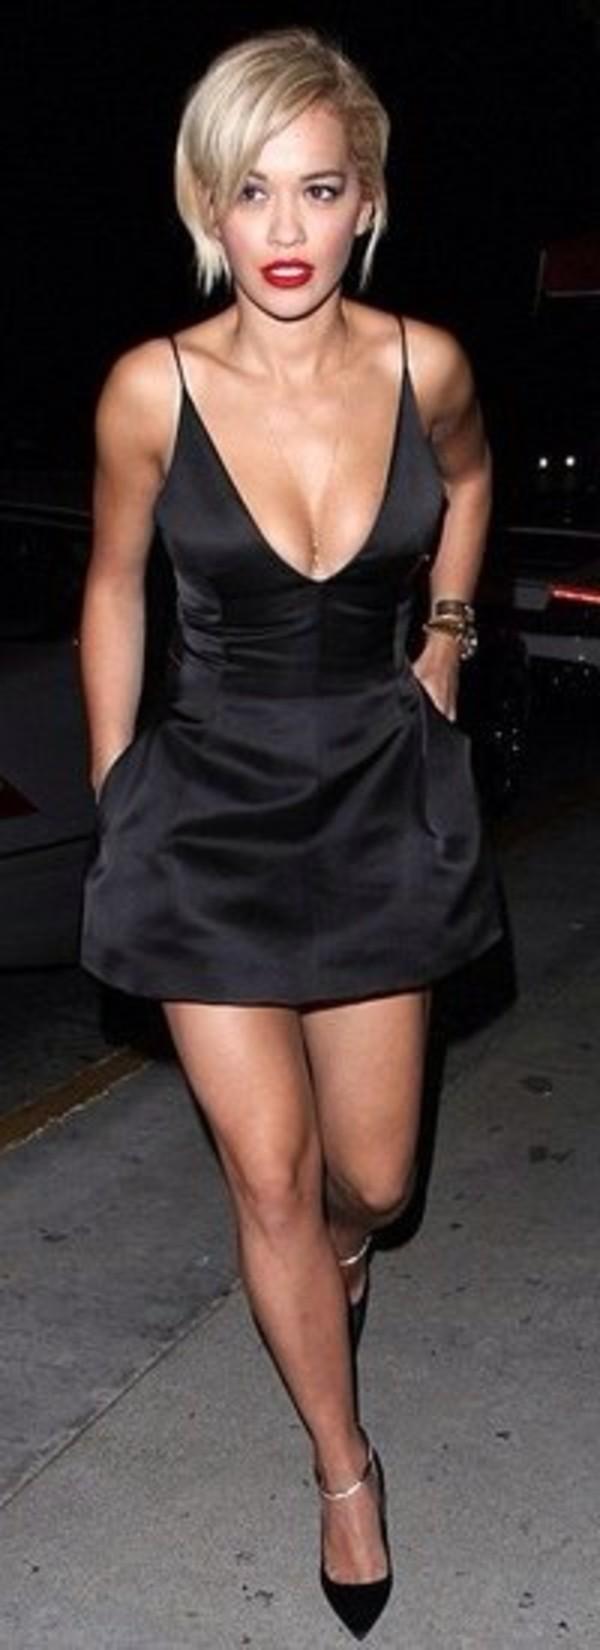 dress black low cut dress rita ora